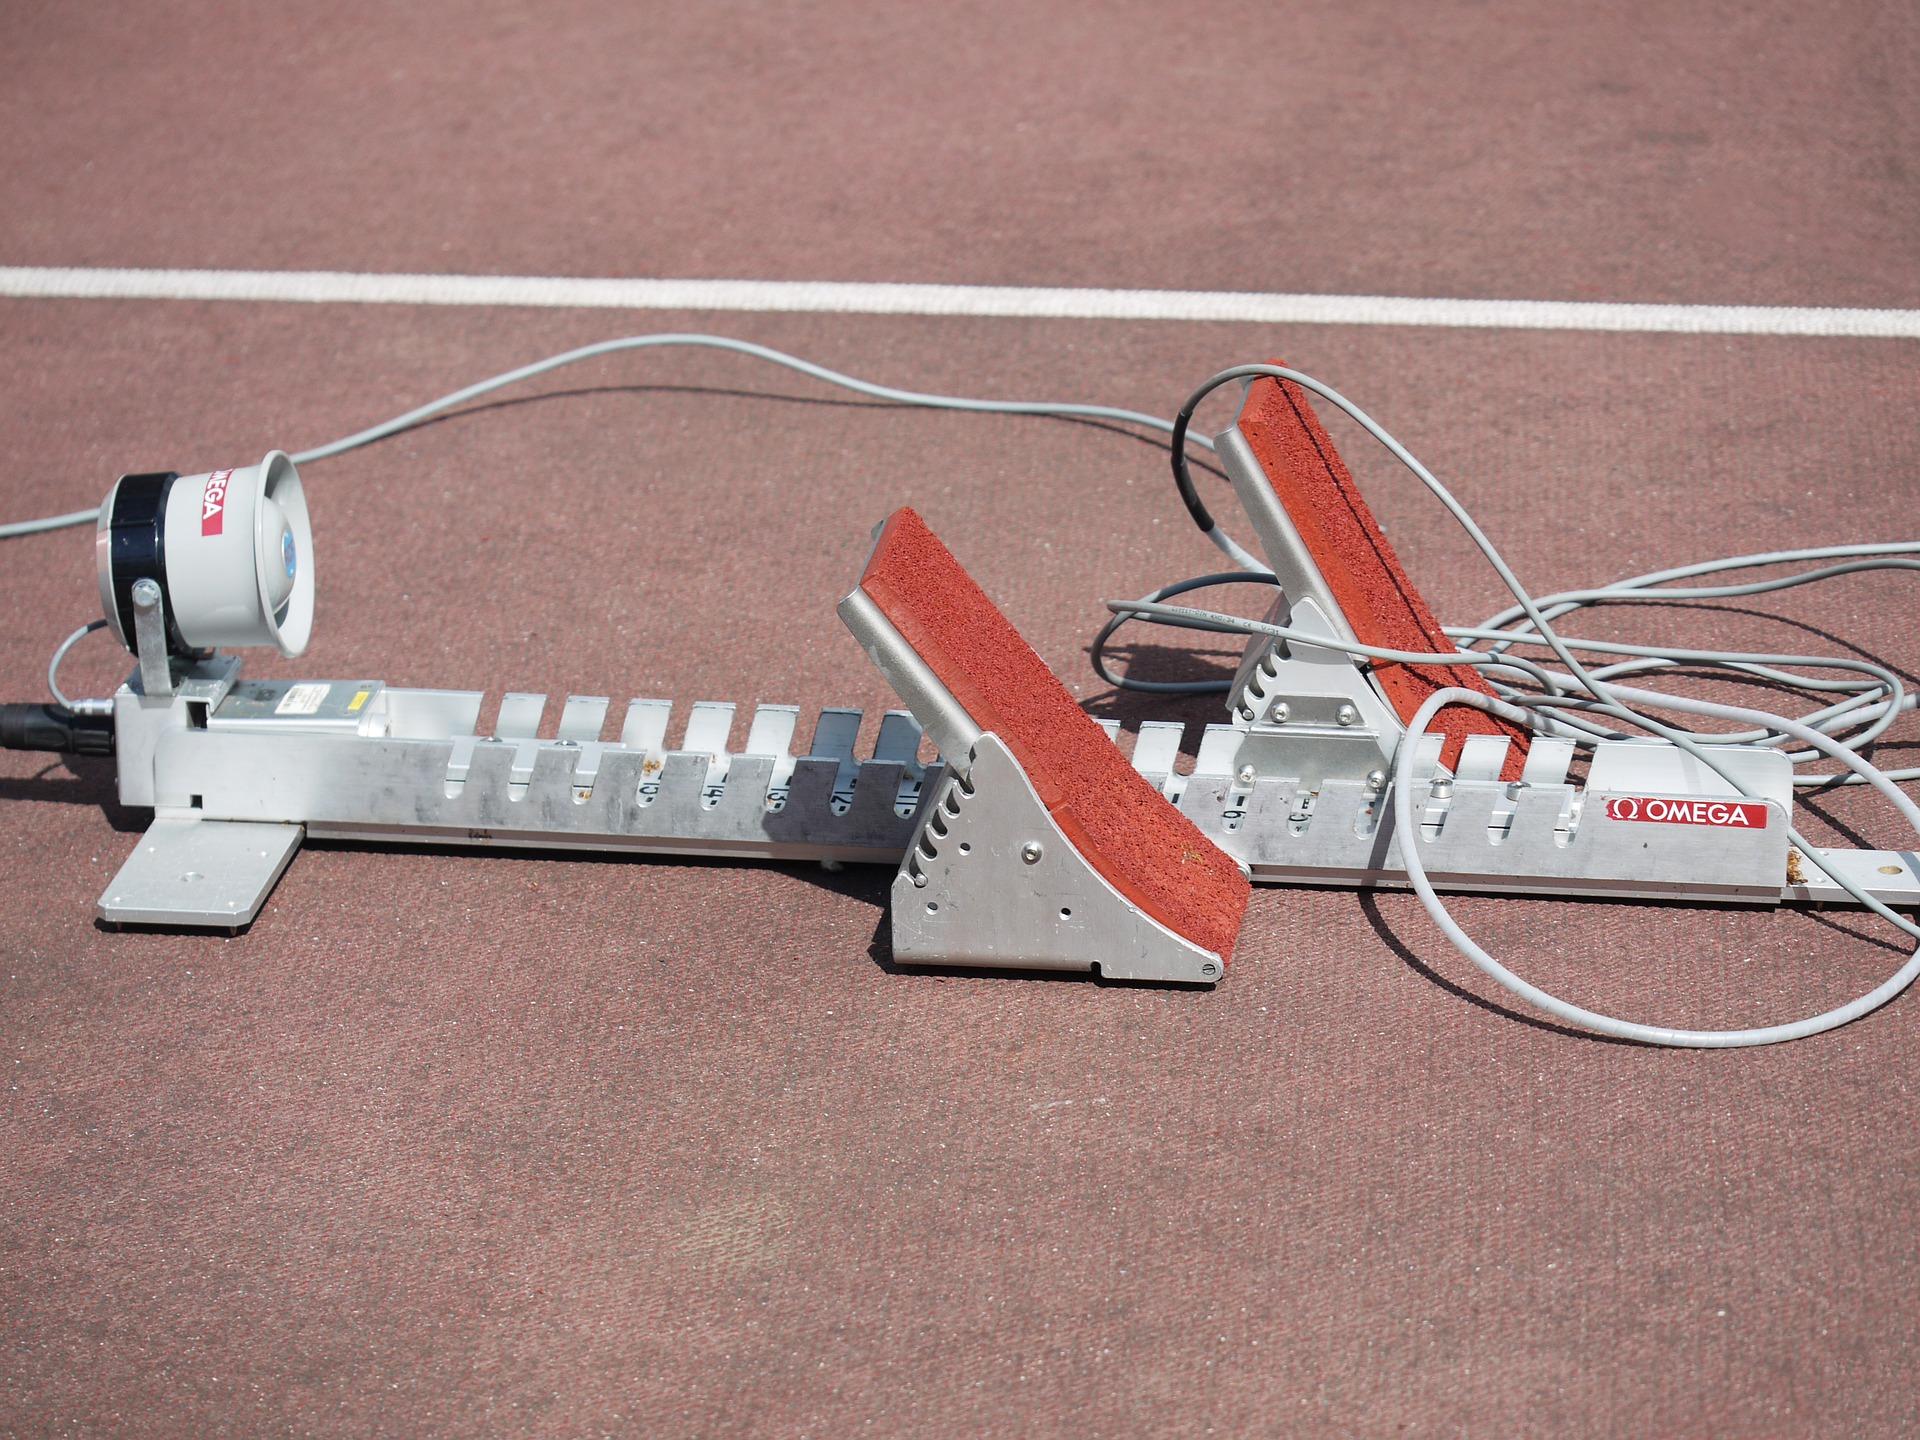 Das Bild zeigt einen Startblock aus der Leichtathletik.